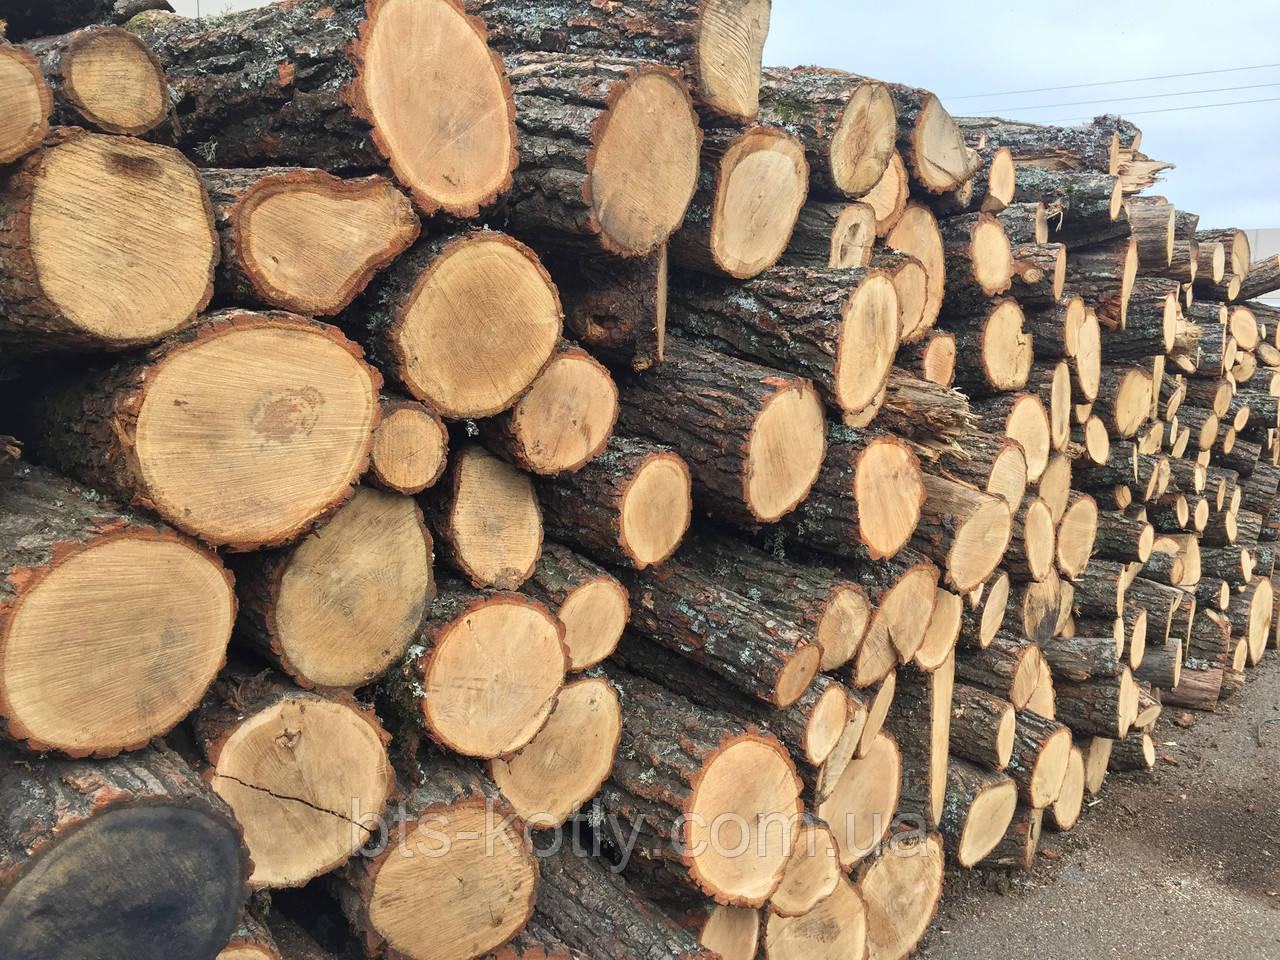 Взяв хабар дровами: у Франківську засудили податківця-корупціонера